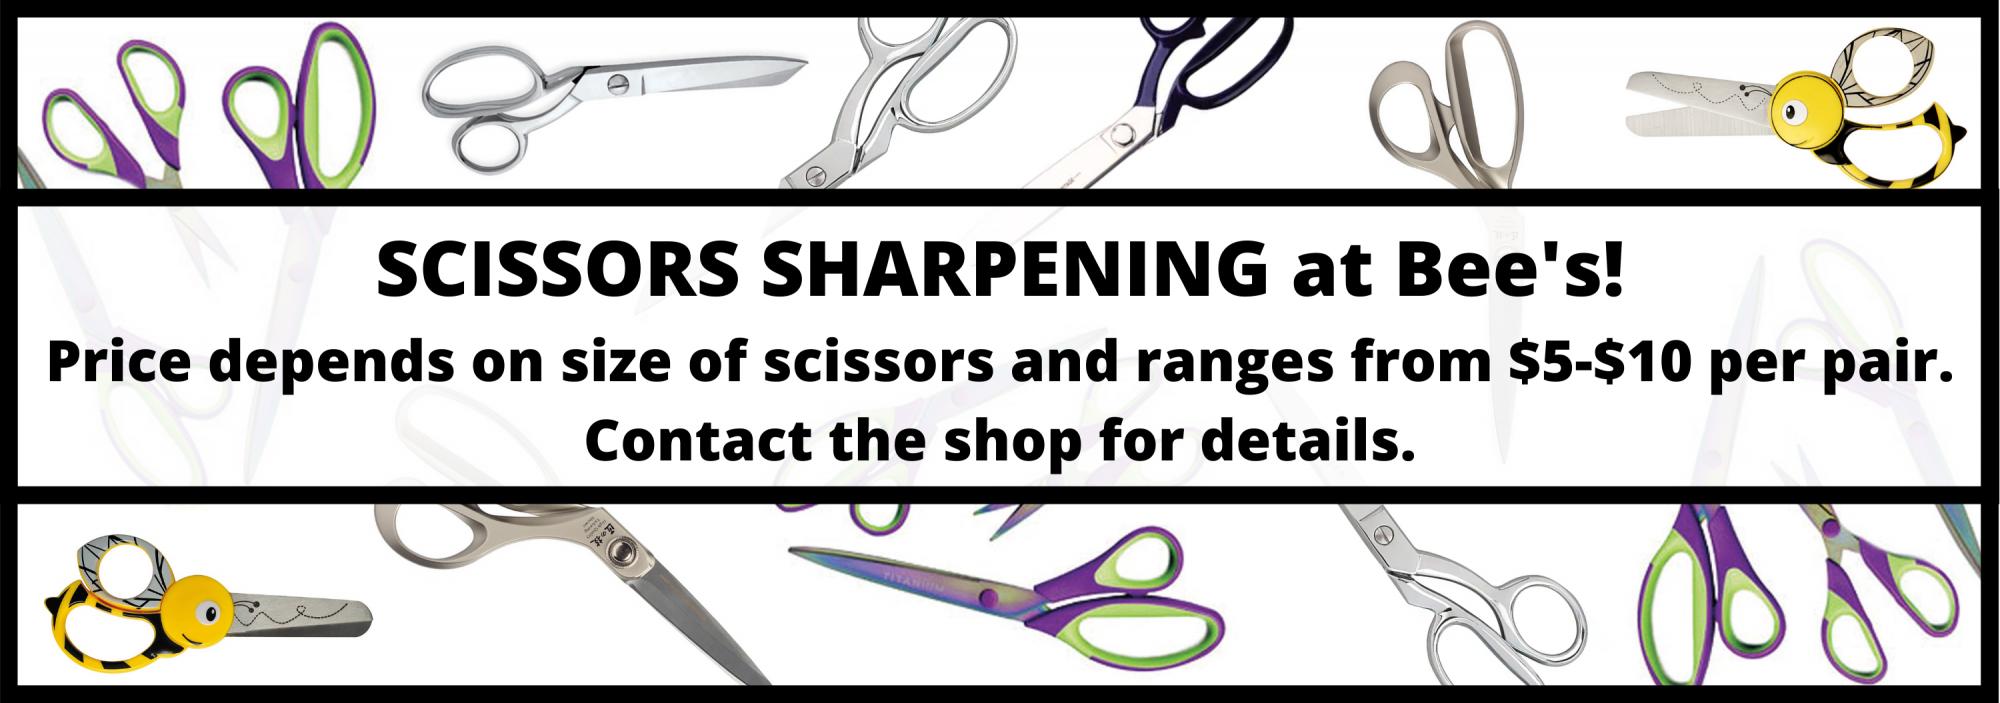 bee's quilt shop st augustine scissors sharpening